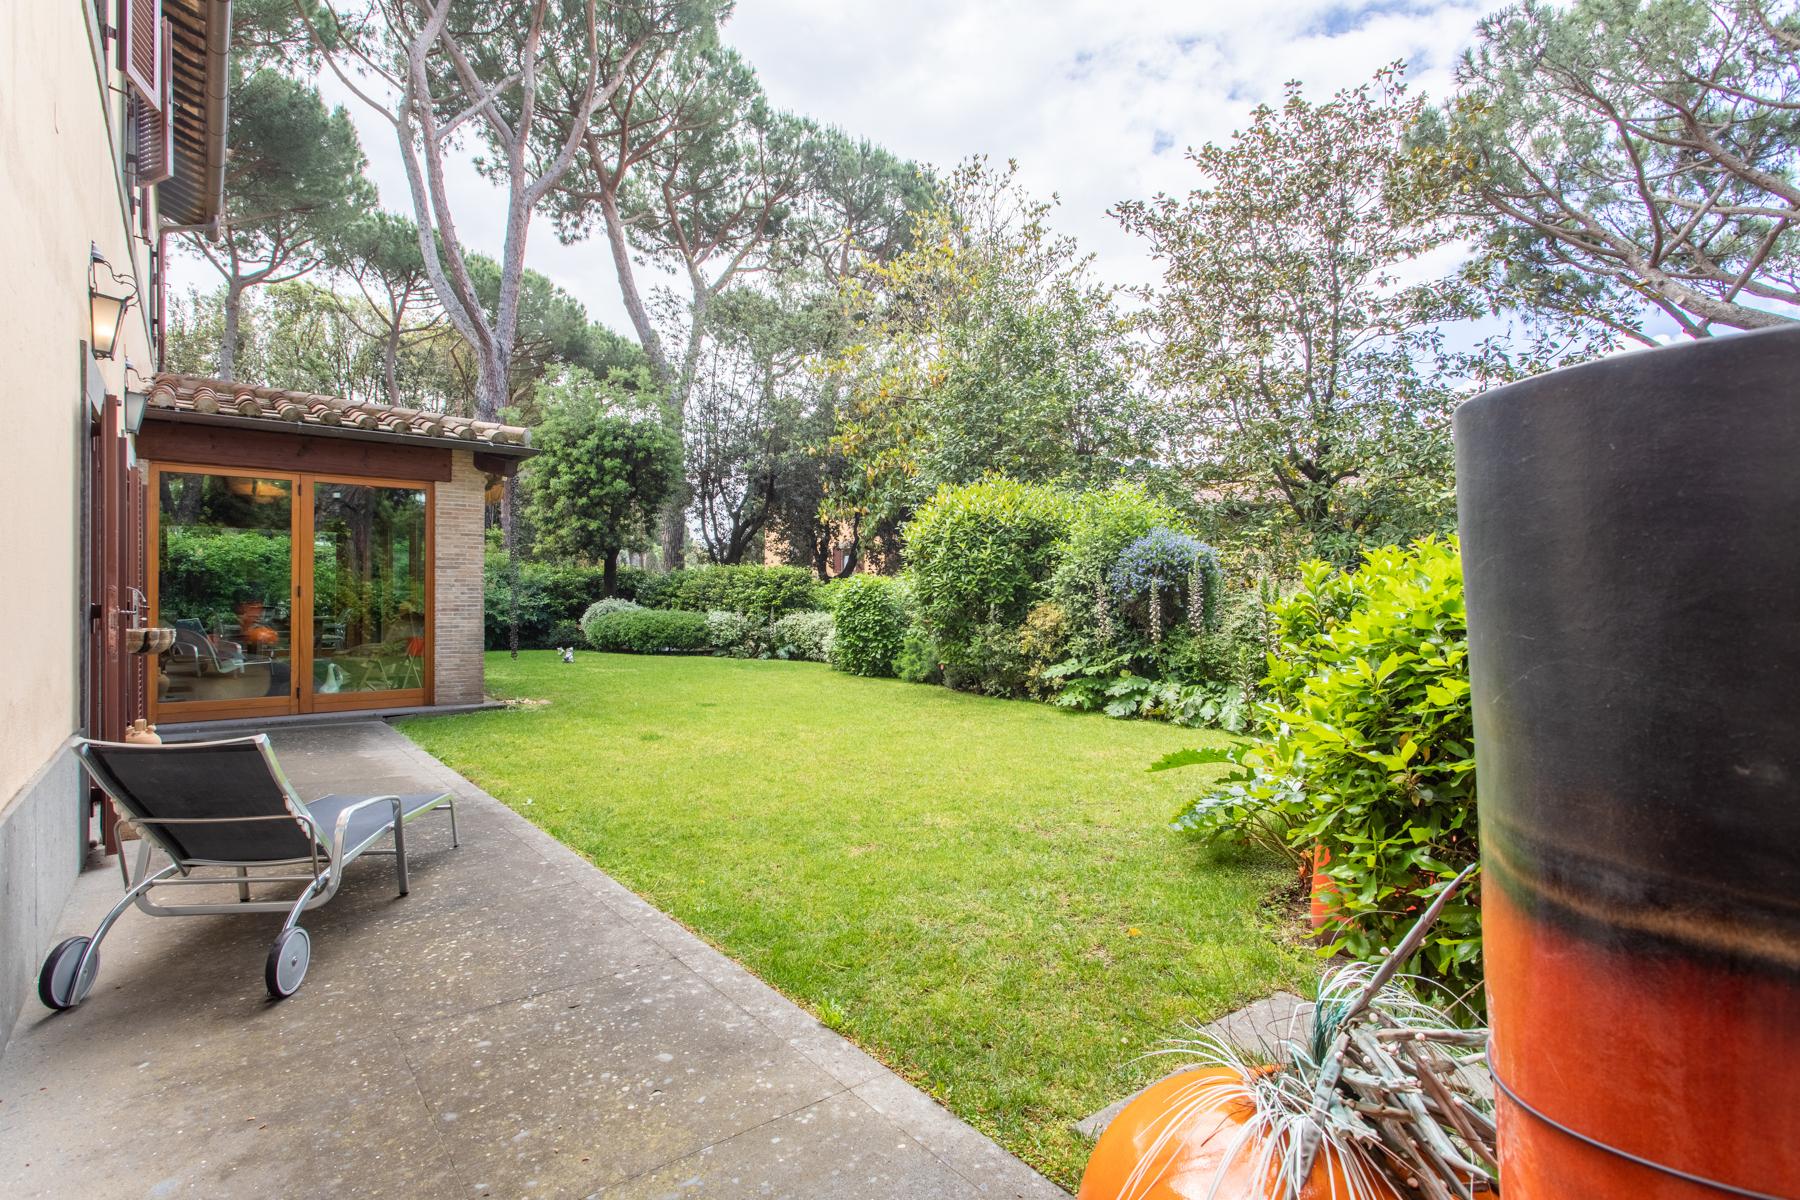 Villa in Vendita a Castel Gandolfo: 5 locali, 400 mq - Foto 28